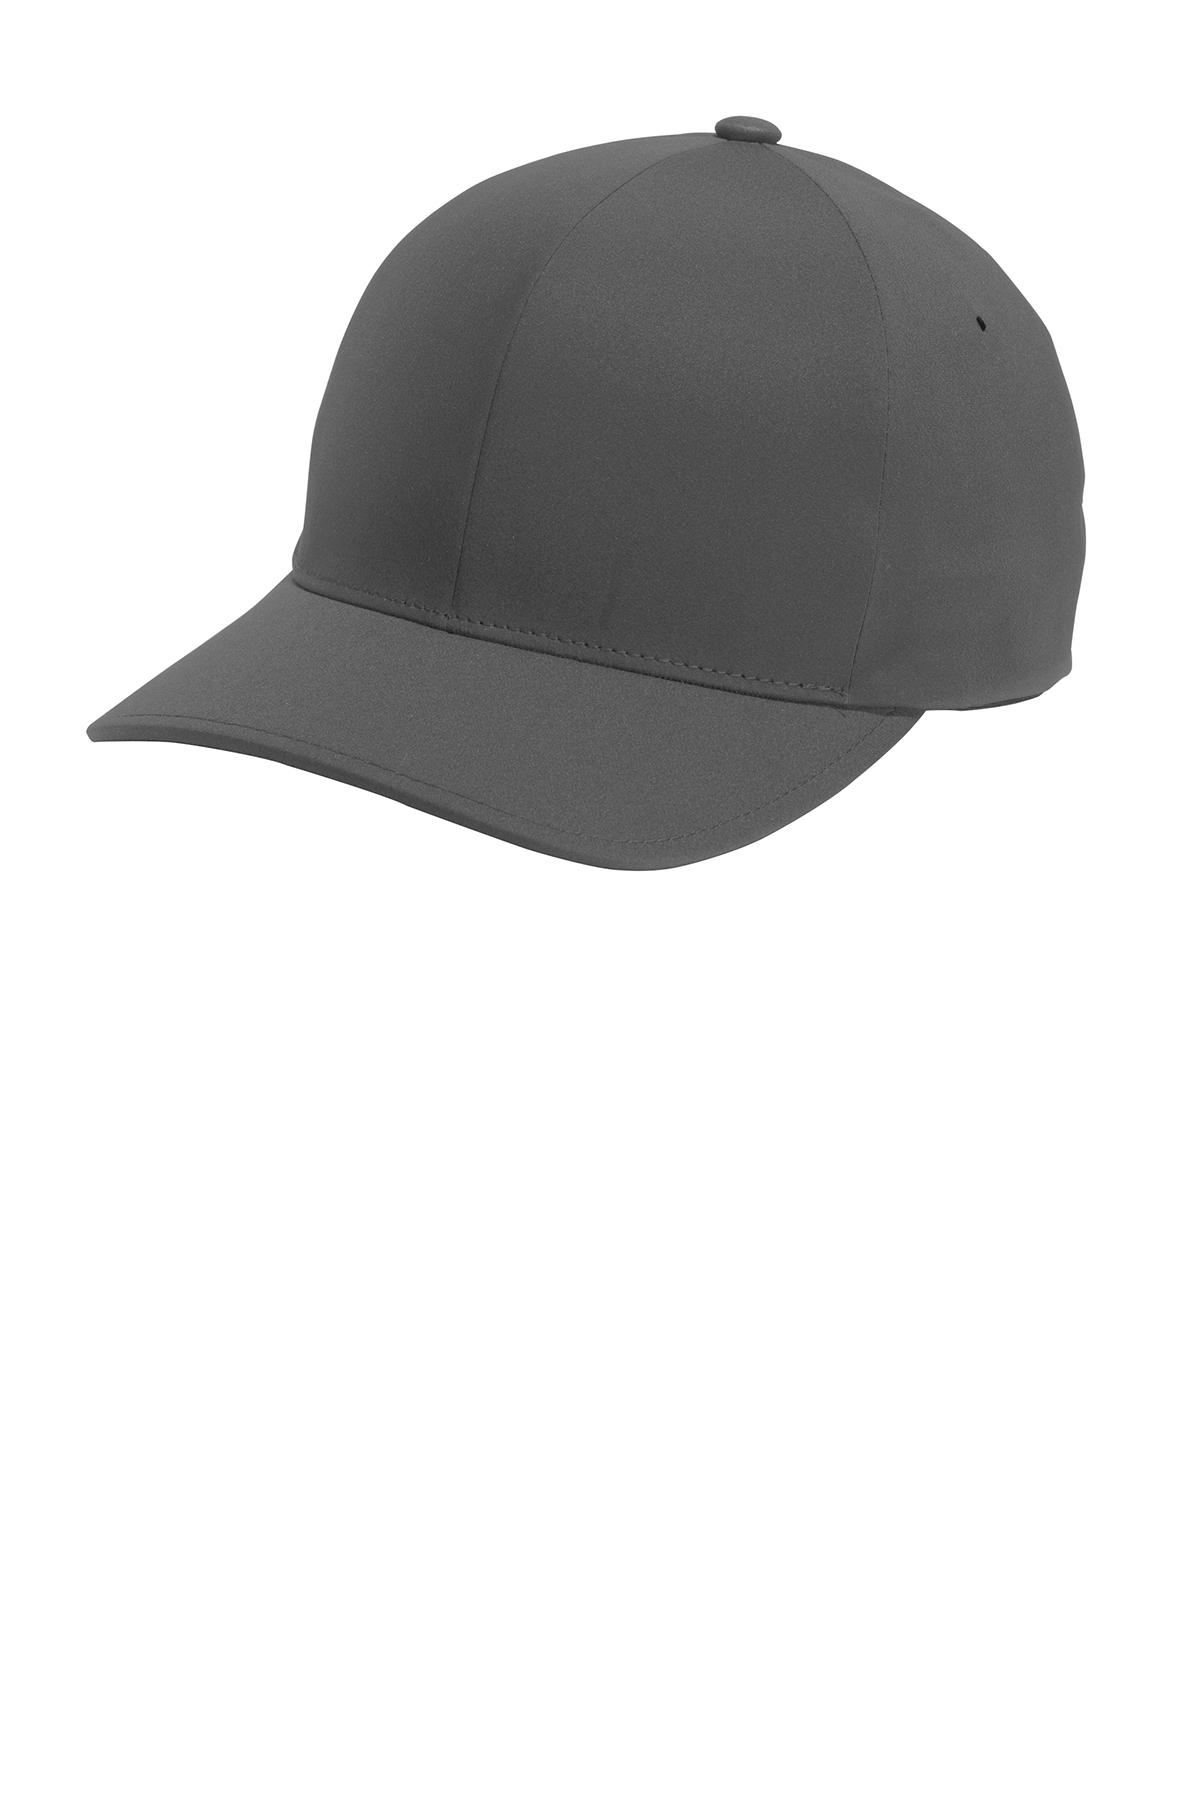 Port Authority ® Flexfit Delta ® Cap | Stretch-to-Fit | Caps | SanMar